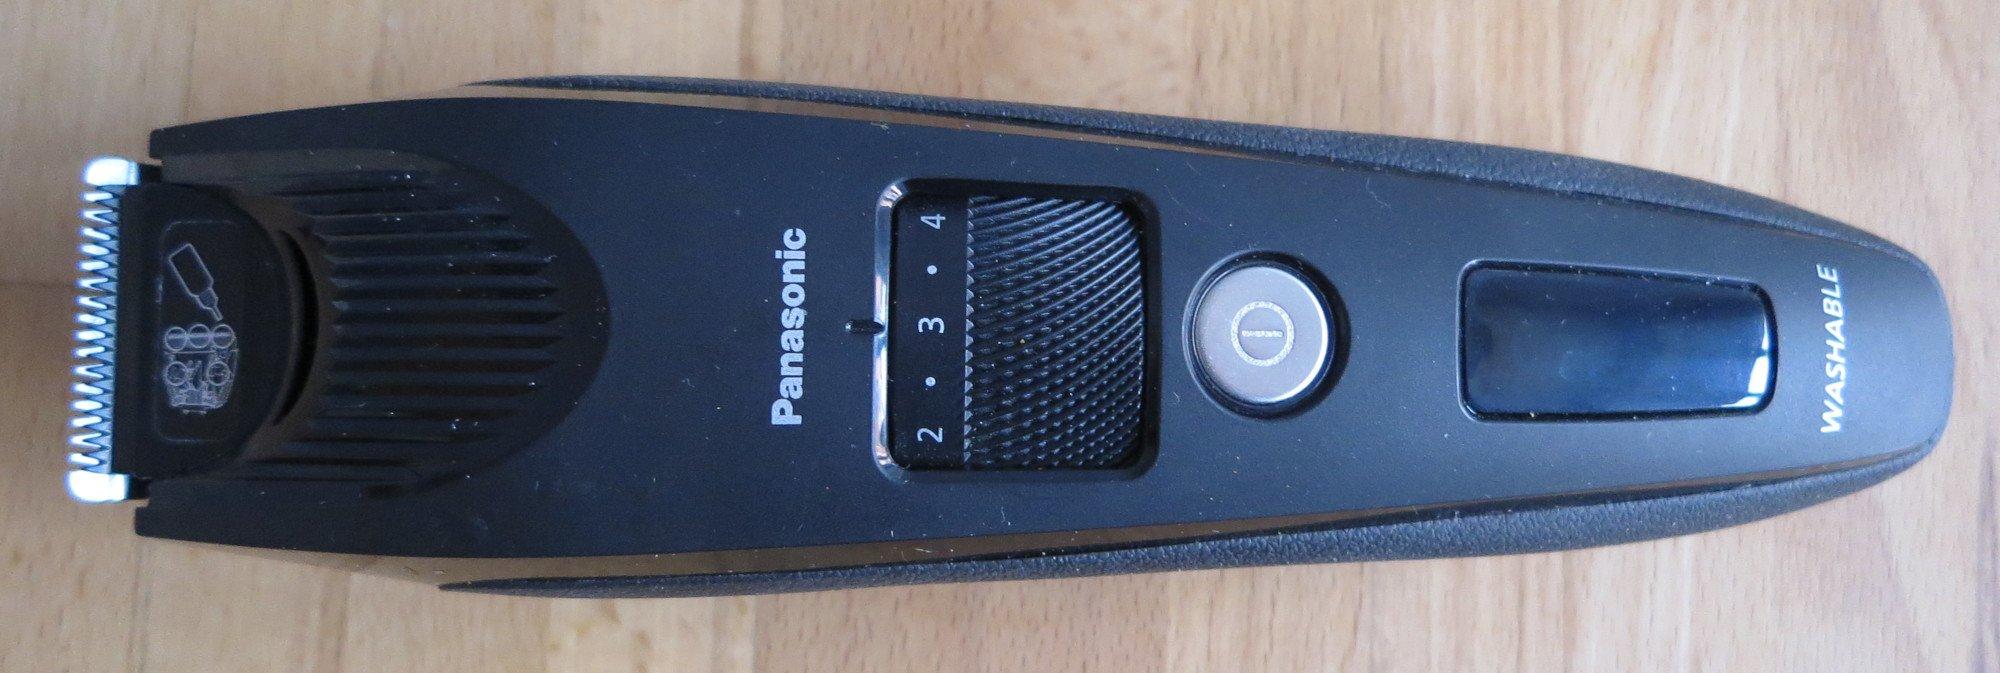 Panasonic ER-SB40: Ein Bartschneider muss bei mir vor allem zuverlässig sein (Bild: Peter Giesecke)